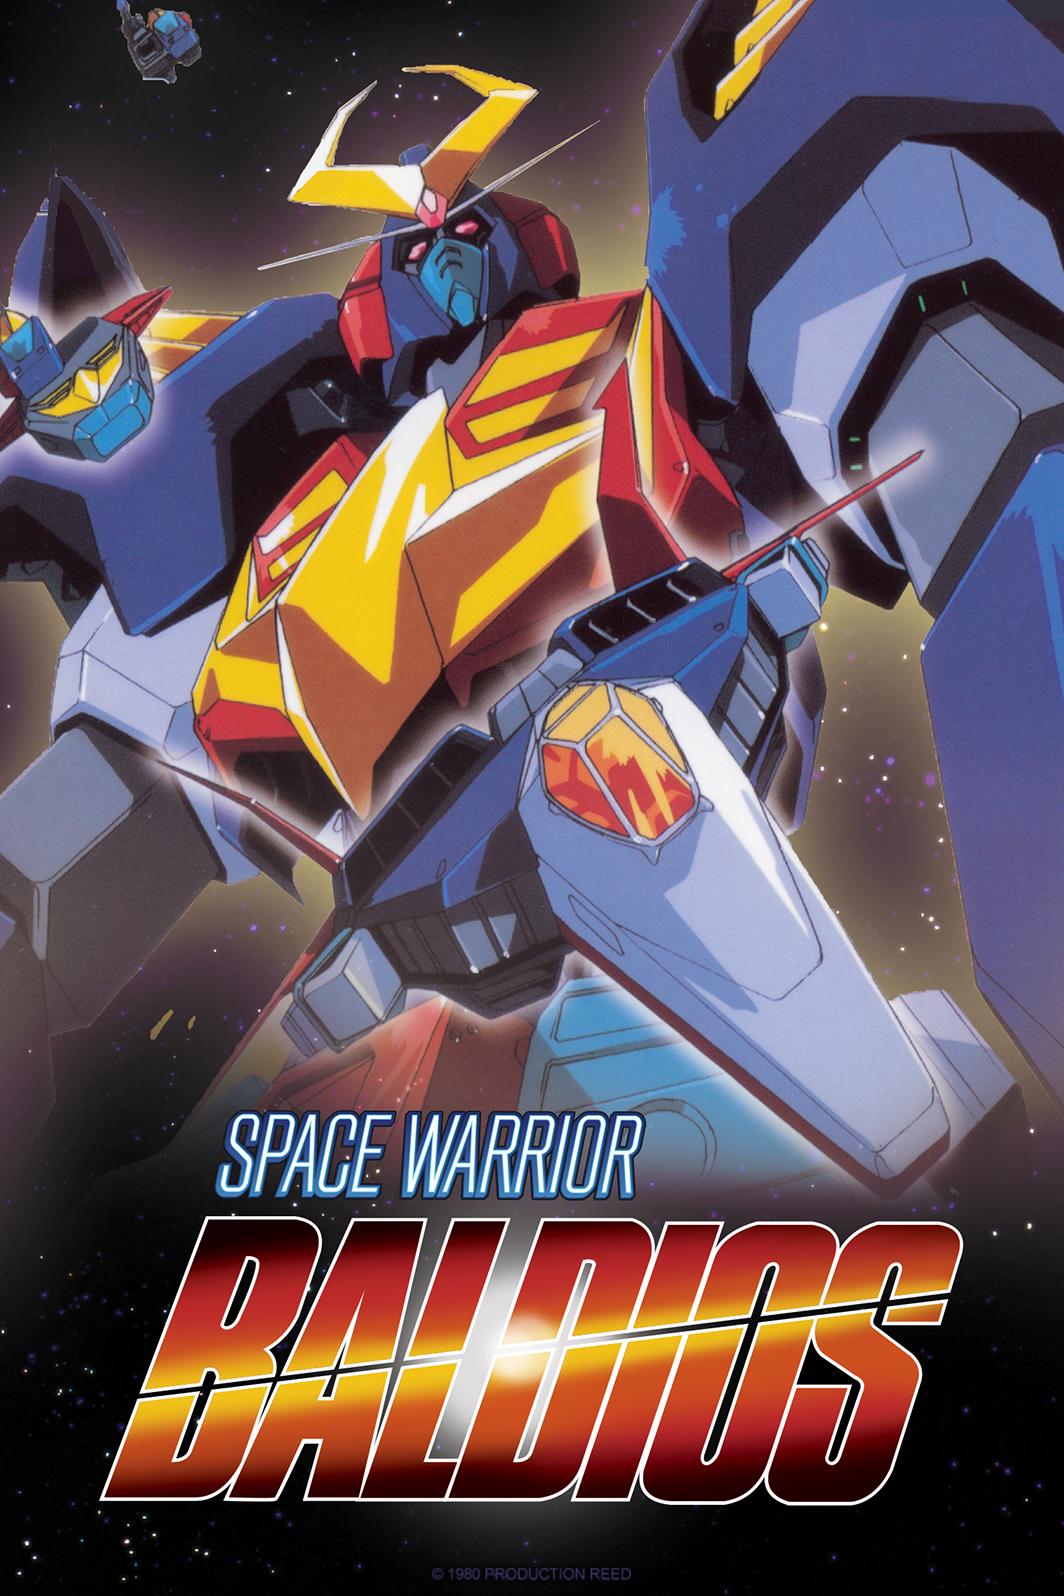 Crunchyroll добавляет в каталог Space Warrior Baldios, Hells и многое другое